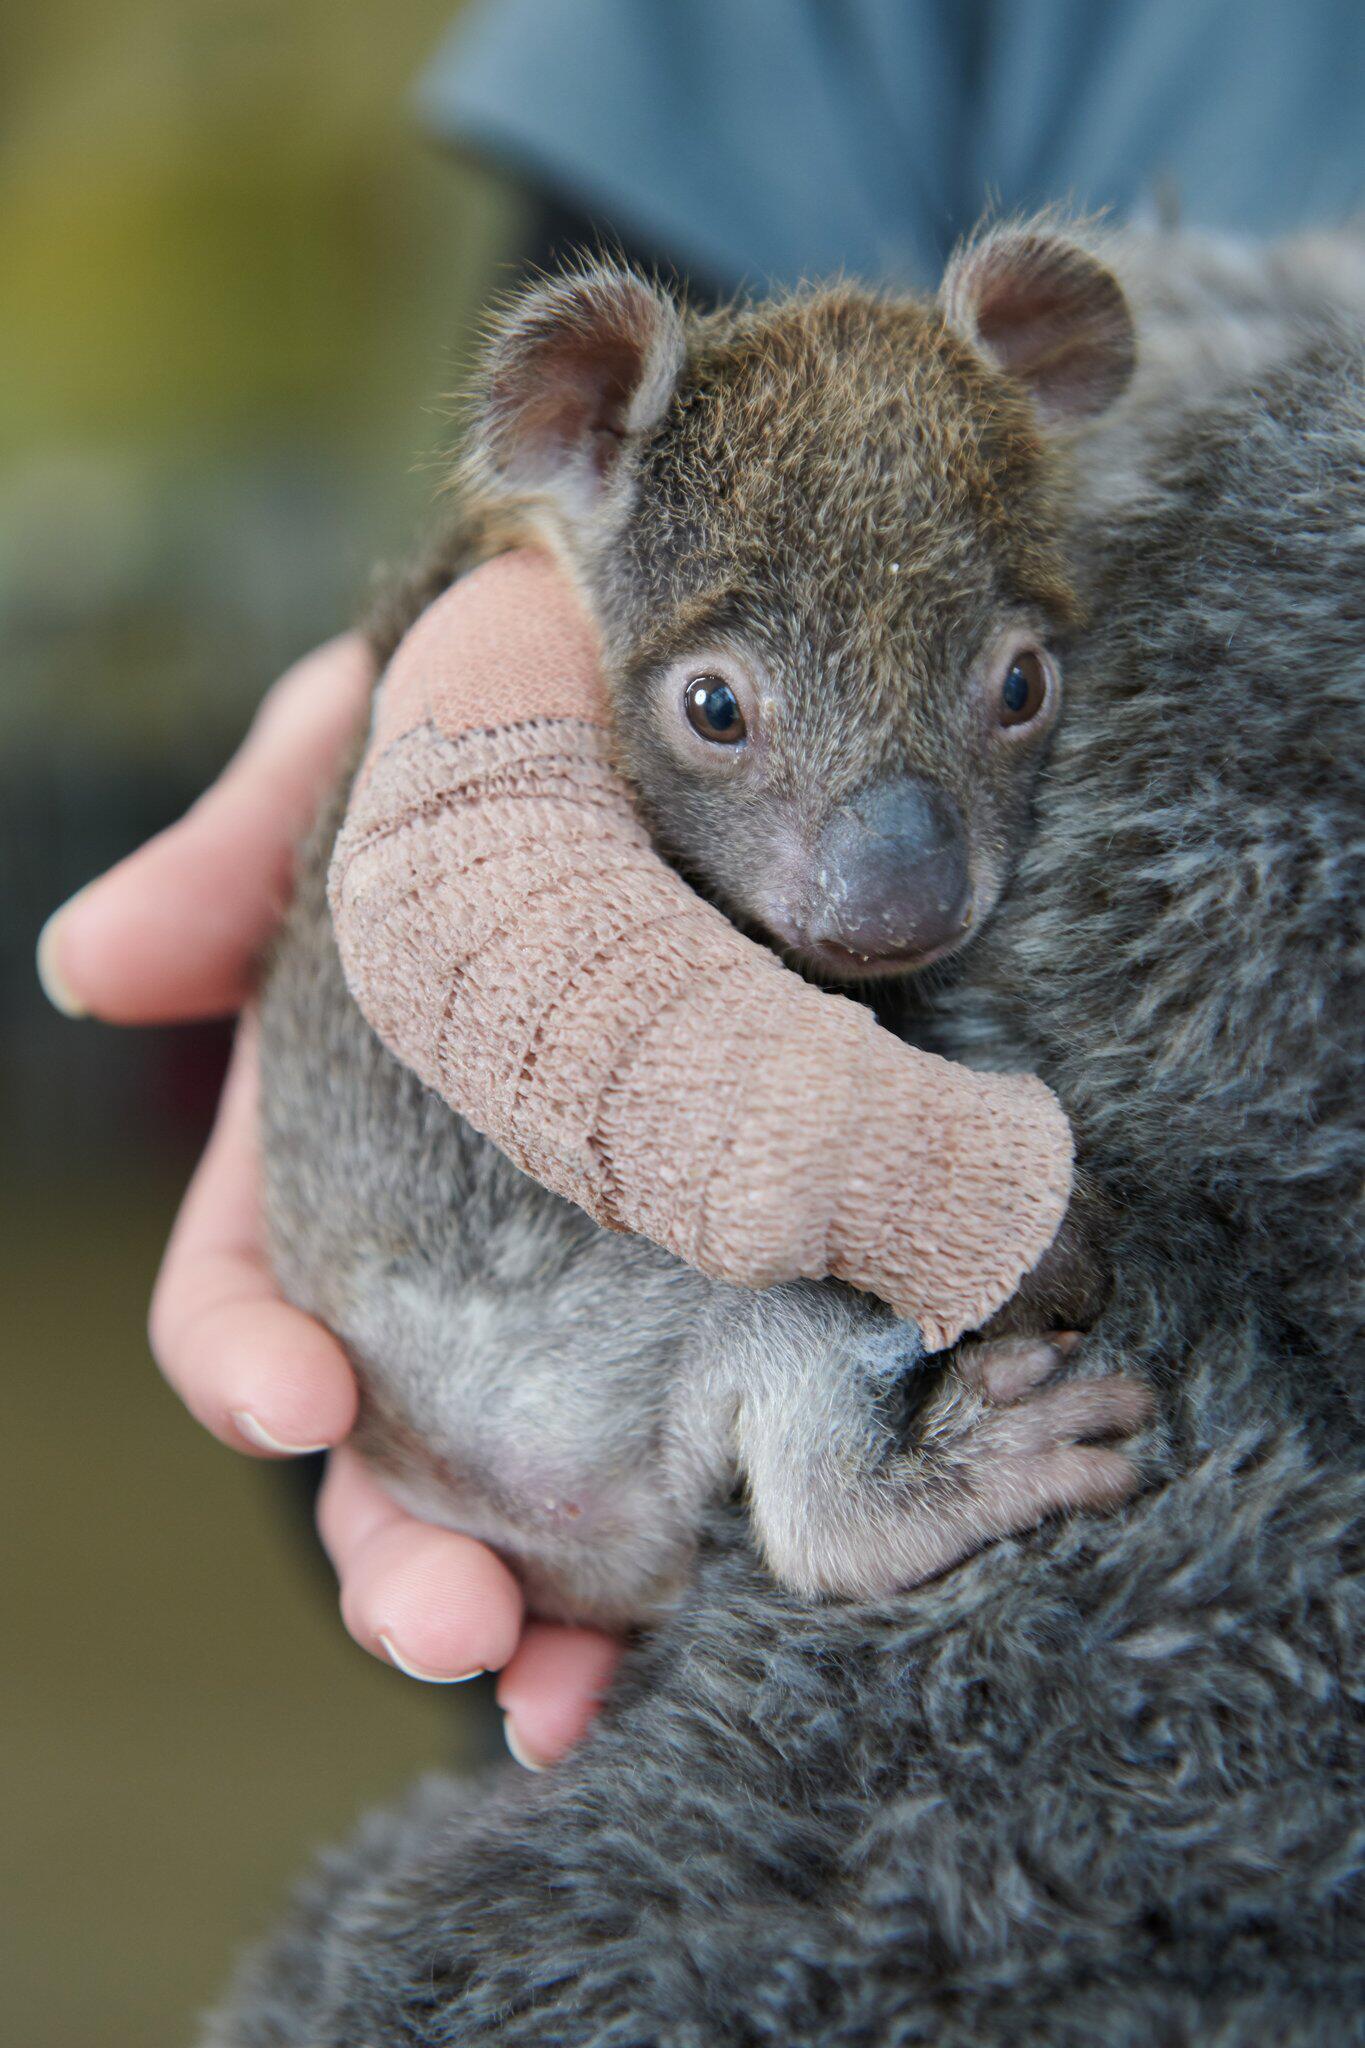 Bild zu Koalababy bekommt Gips und Pflegemutter